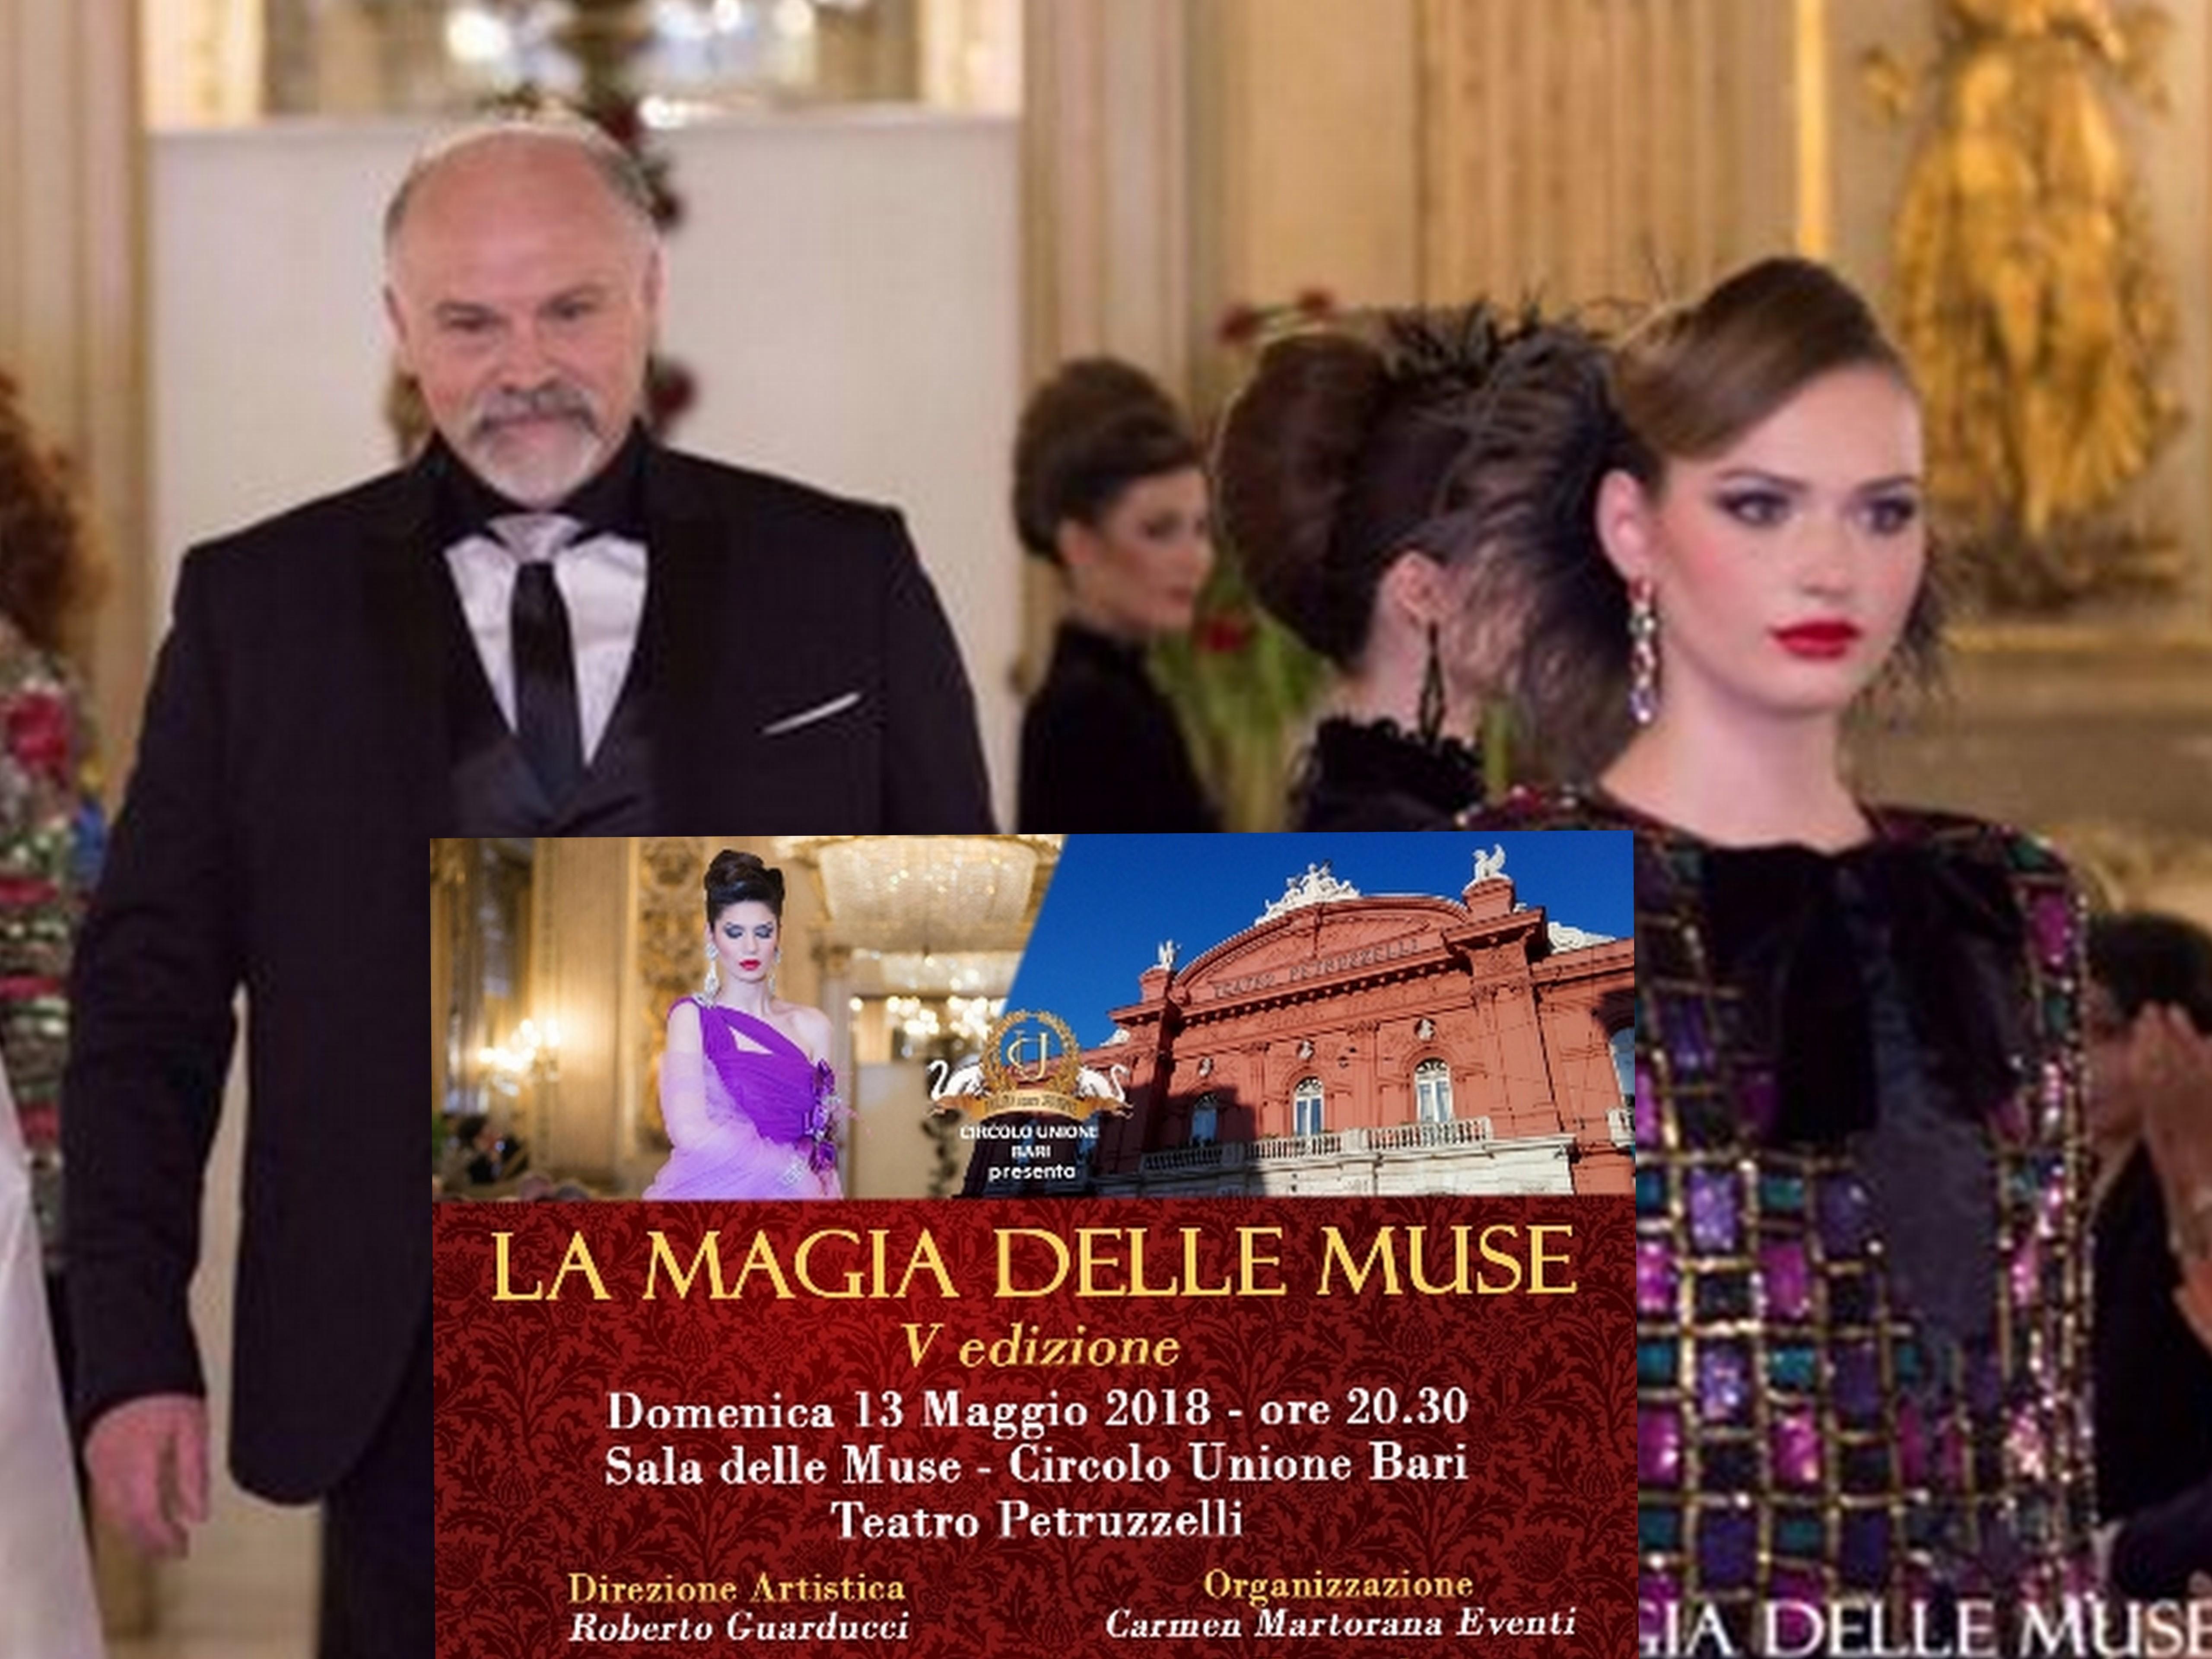 Bari – LaMagiadelleMuse celebra i 40 anni di carriera dello stilistaRoberto Guarducci